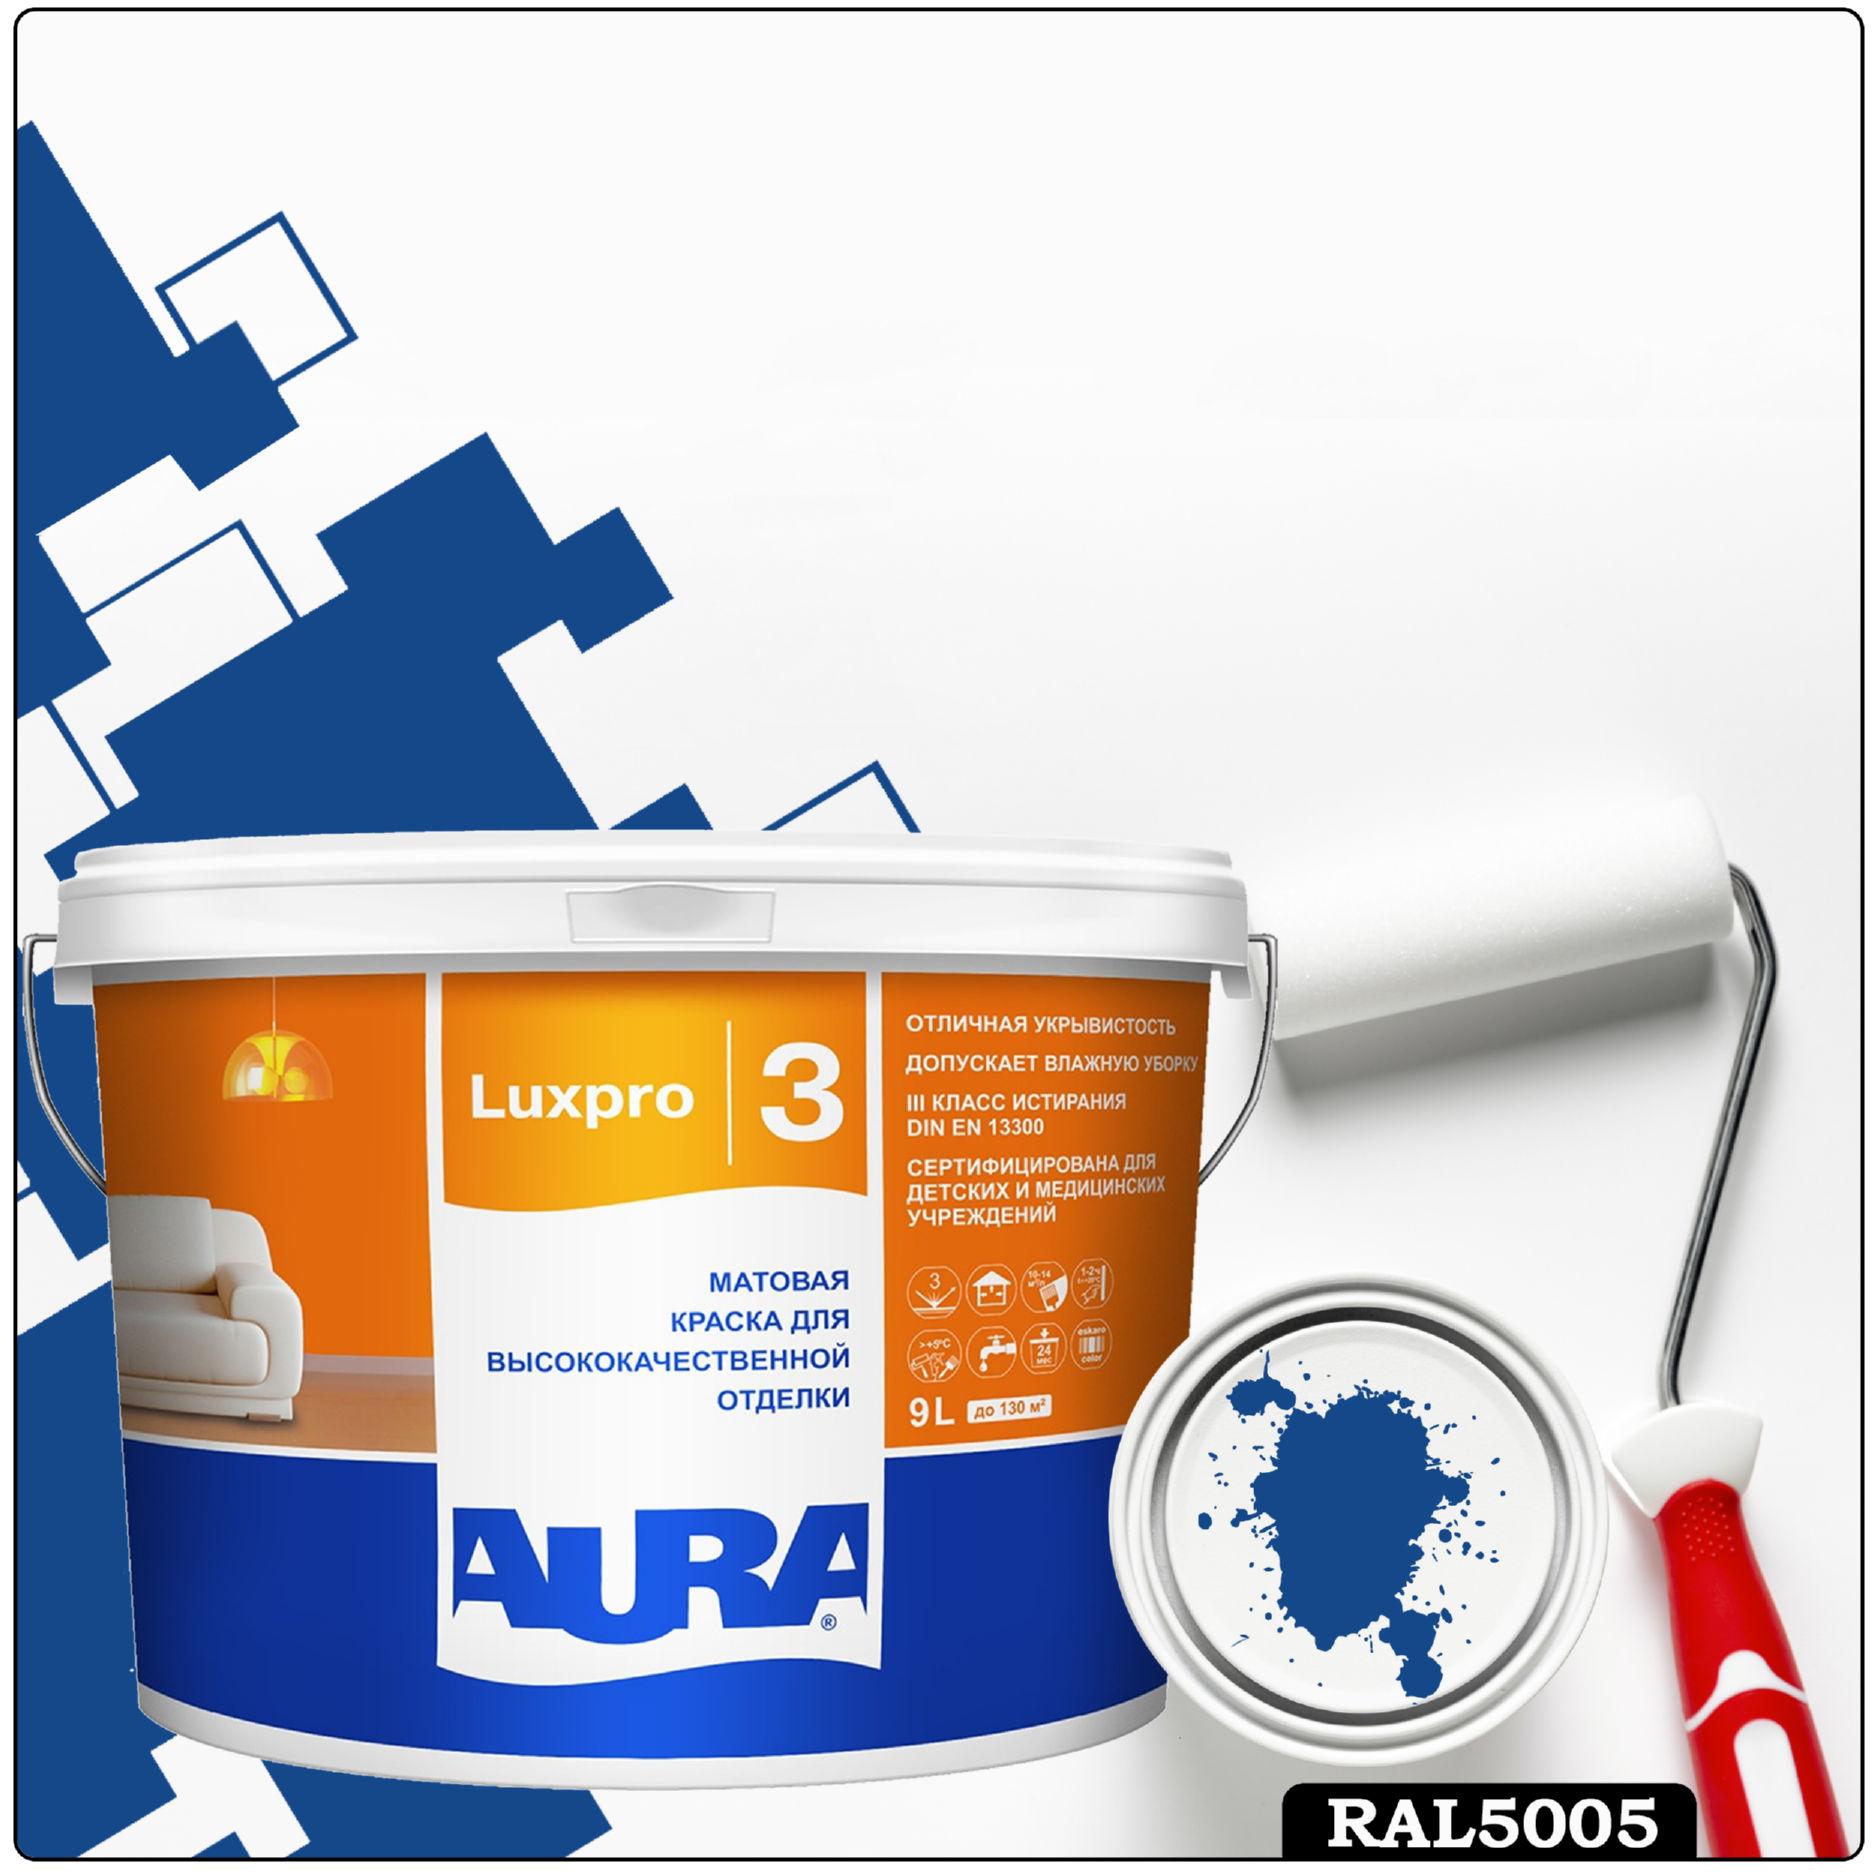 Фото 6 - Краска Aura LuxPRO 3, RAL 5005 Сигнальный синий, латексная, шелково-матовая, интерьерная, 9л, Аура.